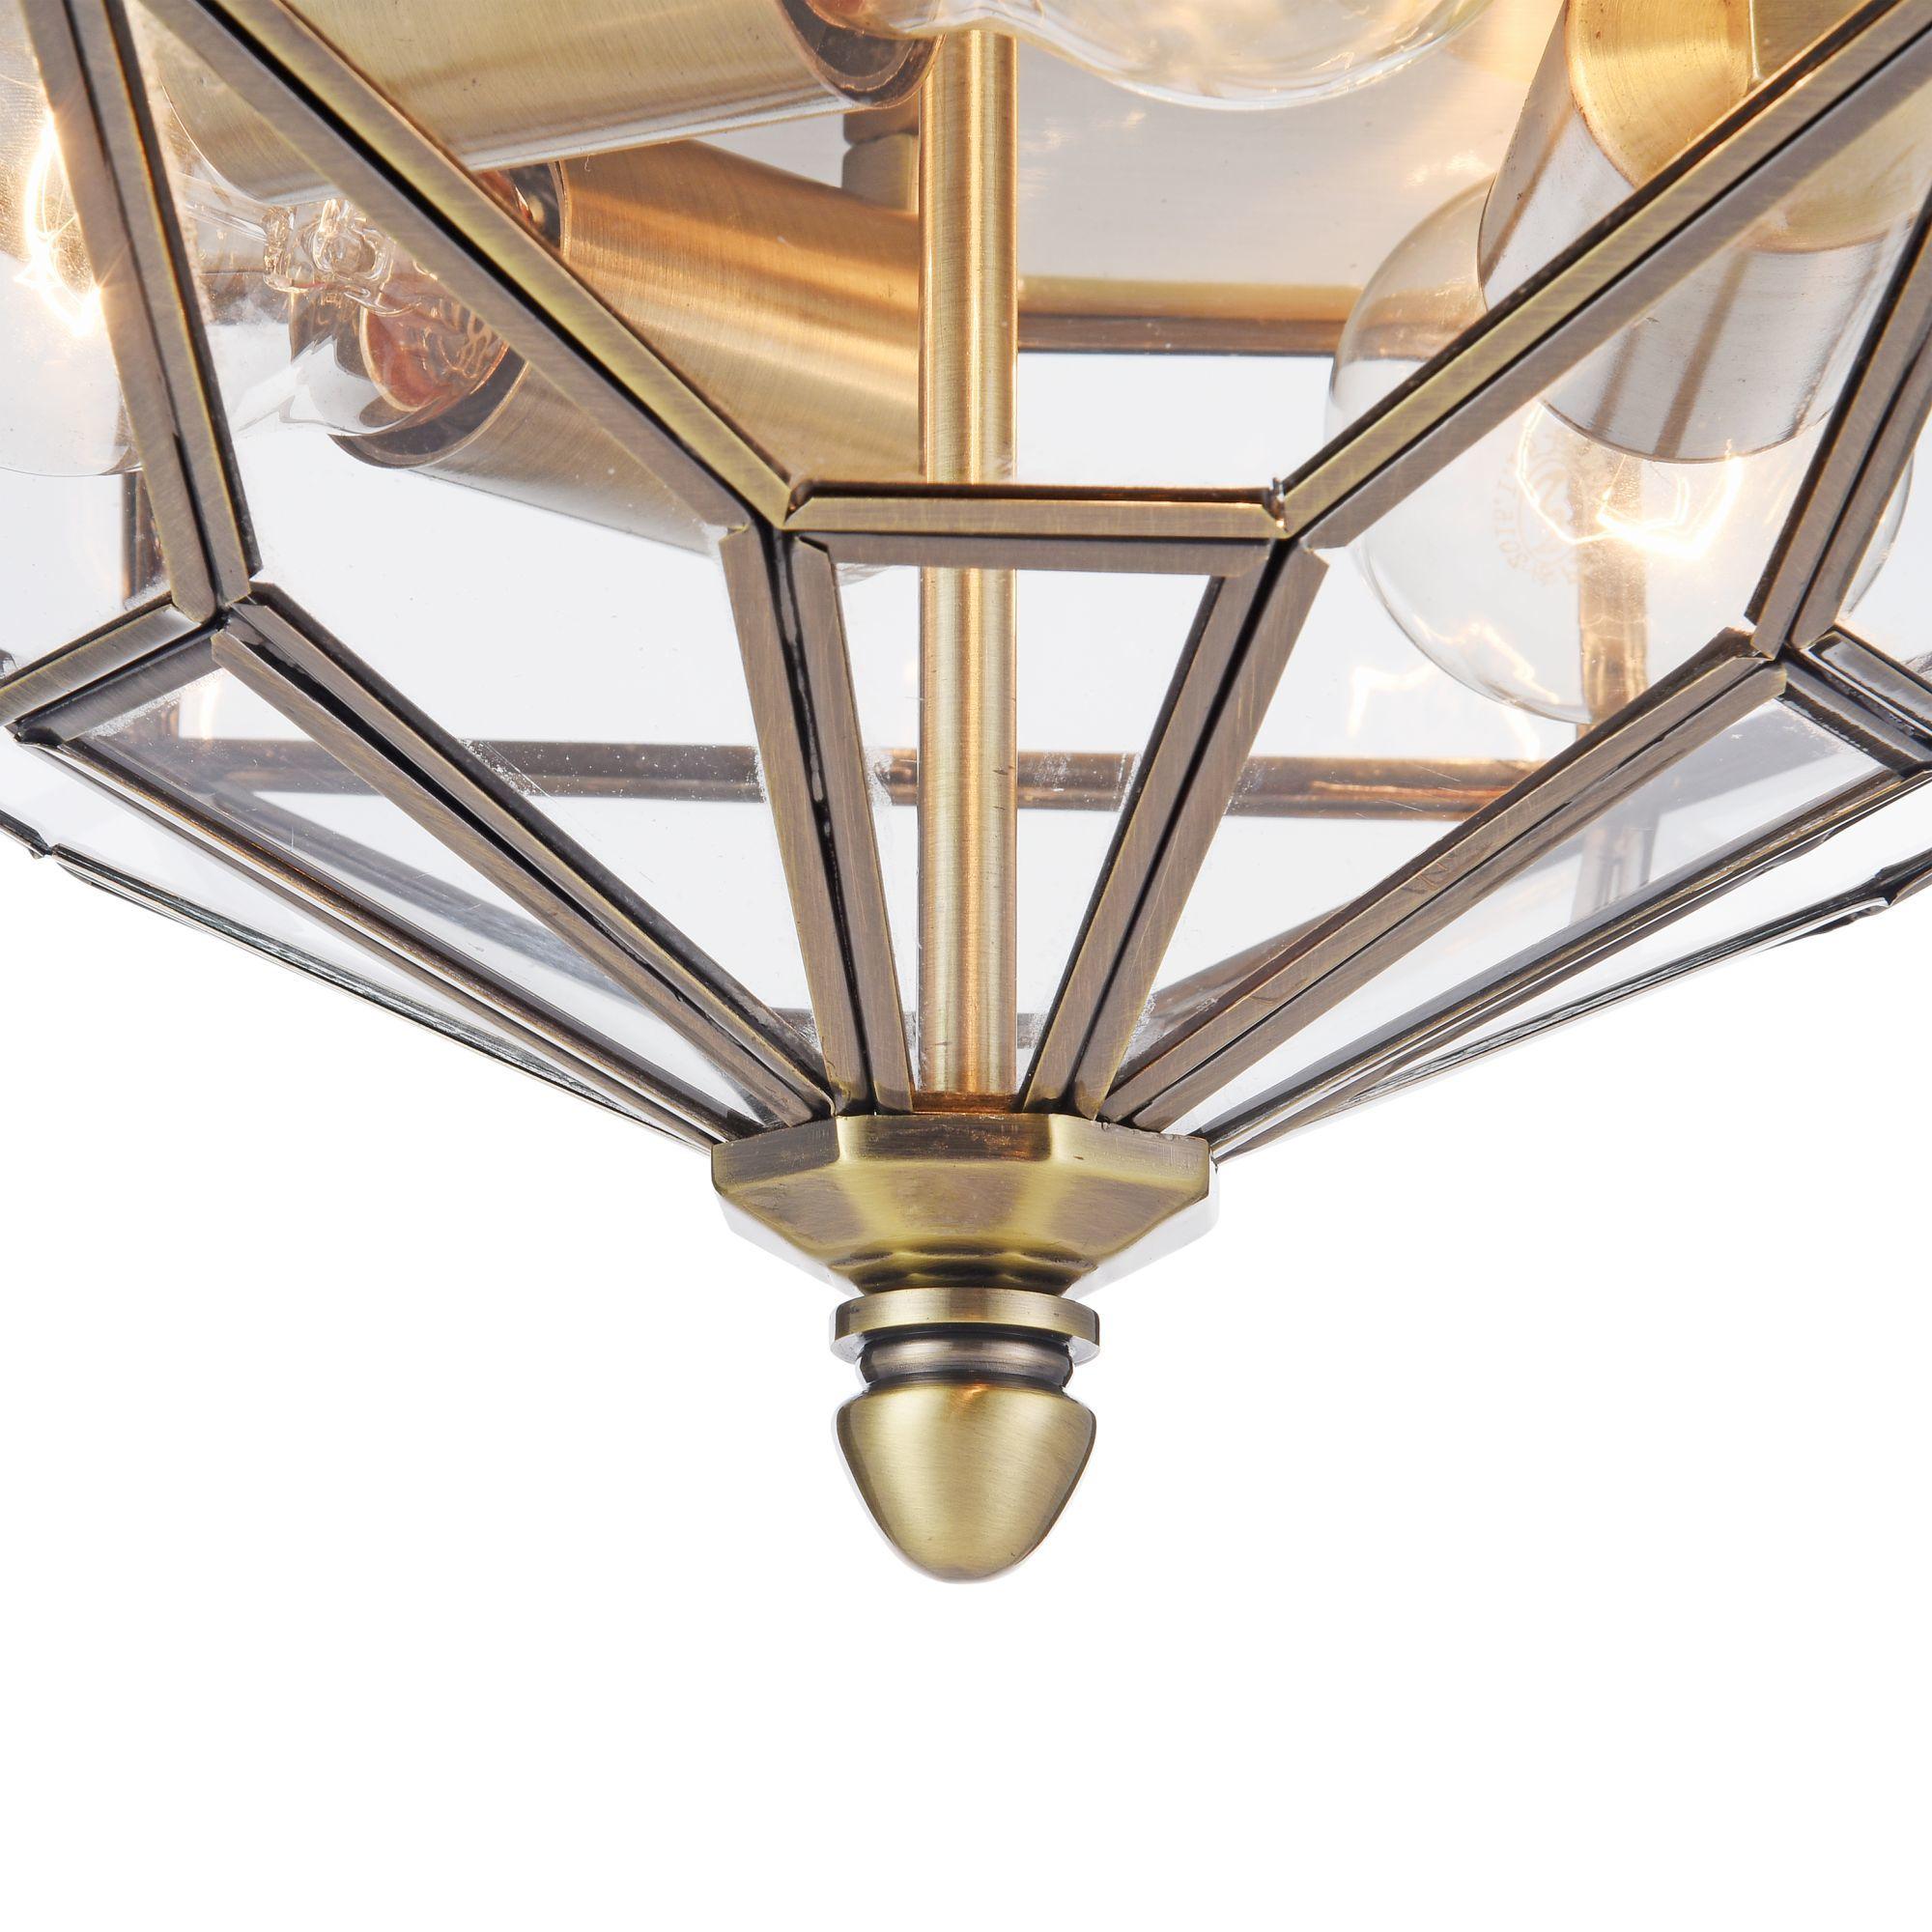 Потолочный светильник Maytoni Classic House Zeil H356-CL-03-BZ, 3xE27x60W, бронза, прозрачный, металл, стекло - фото 4